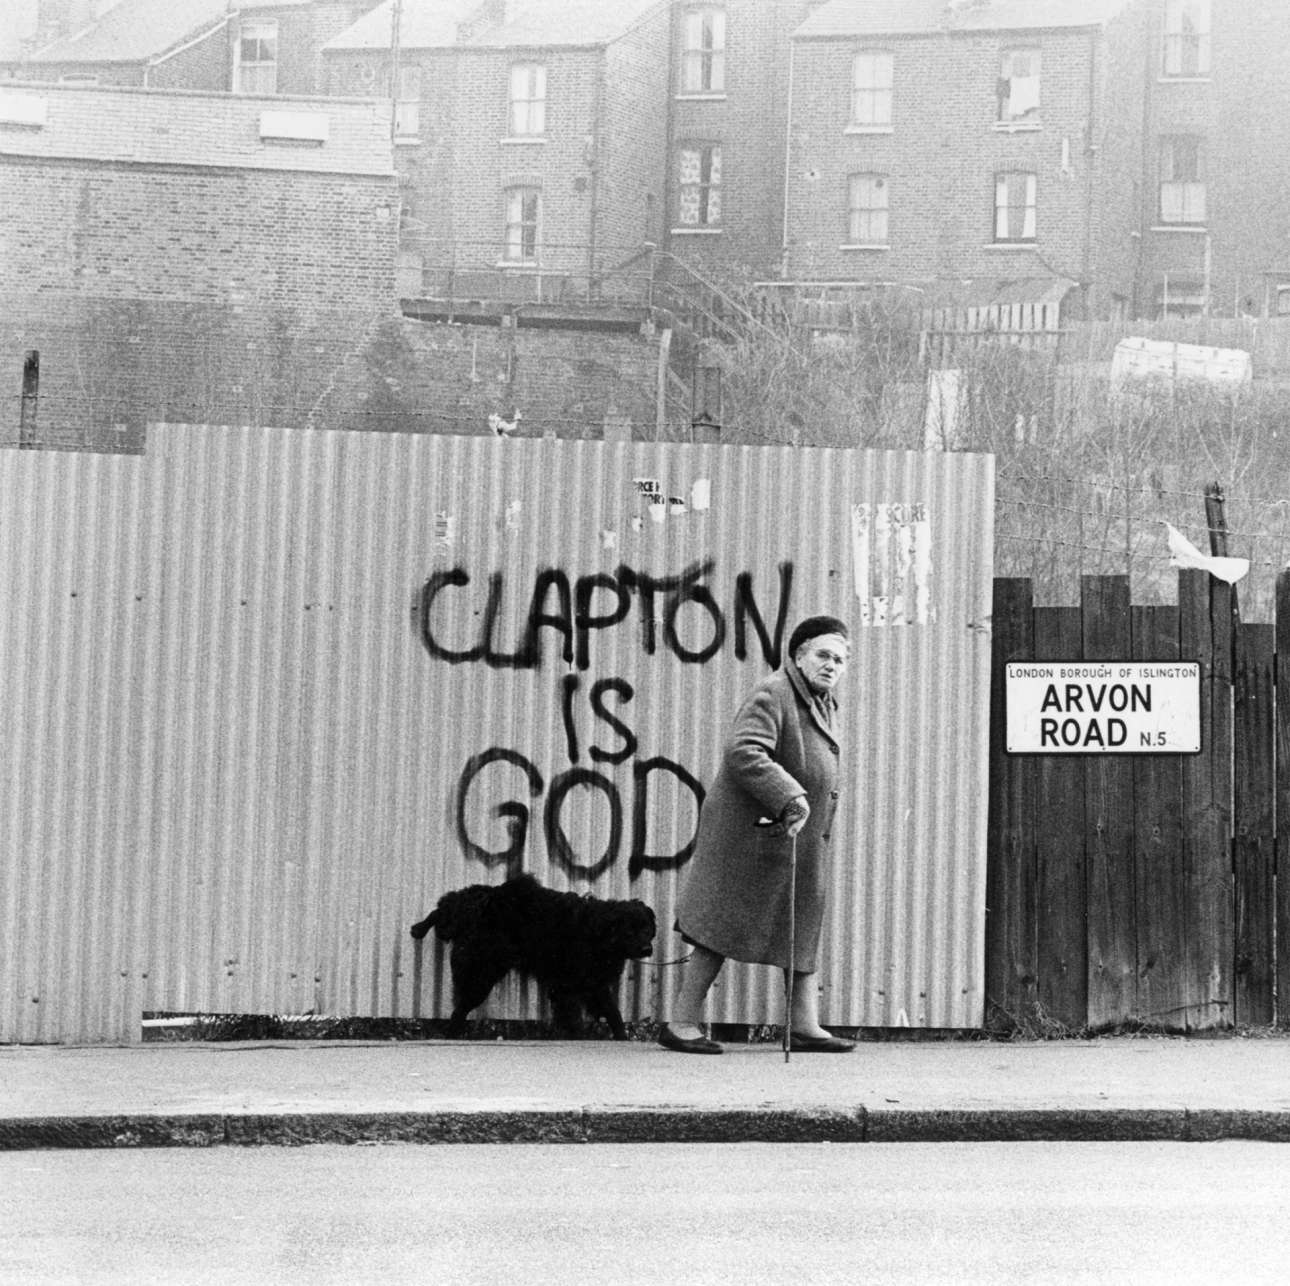 Στο γκρίζο Λονδίνο των 60's, ο μύθος του Κλάπτον ήταν από τοίχο σε τοίχο (flickr)